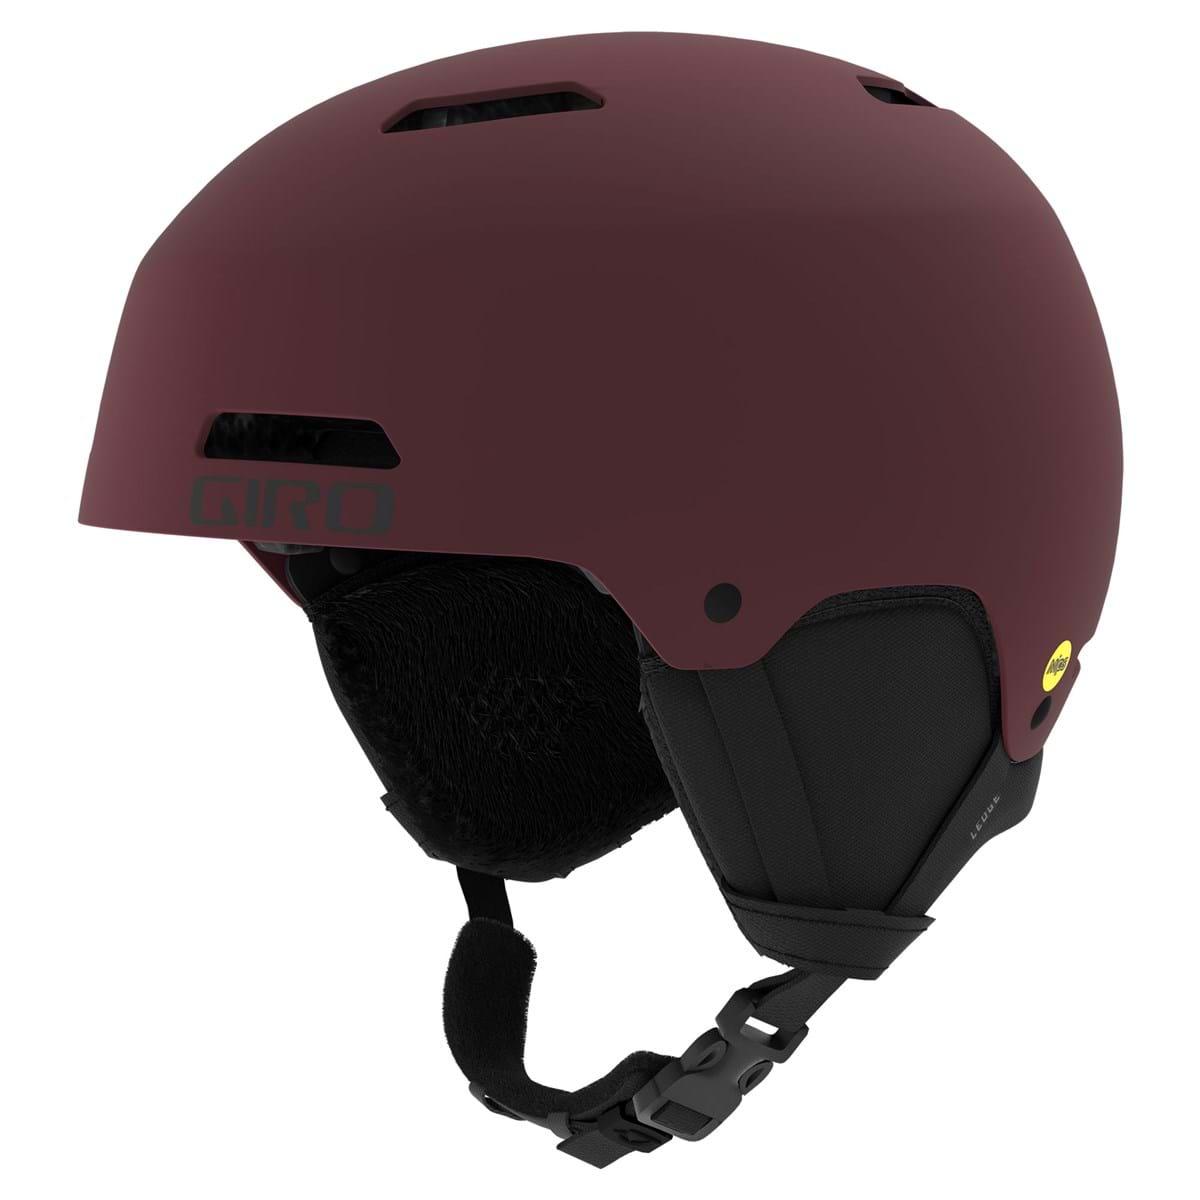 Ledge MIPS Snow Helmet